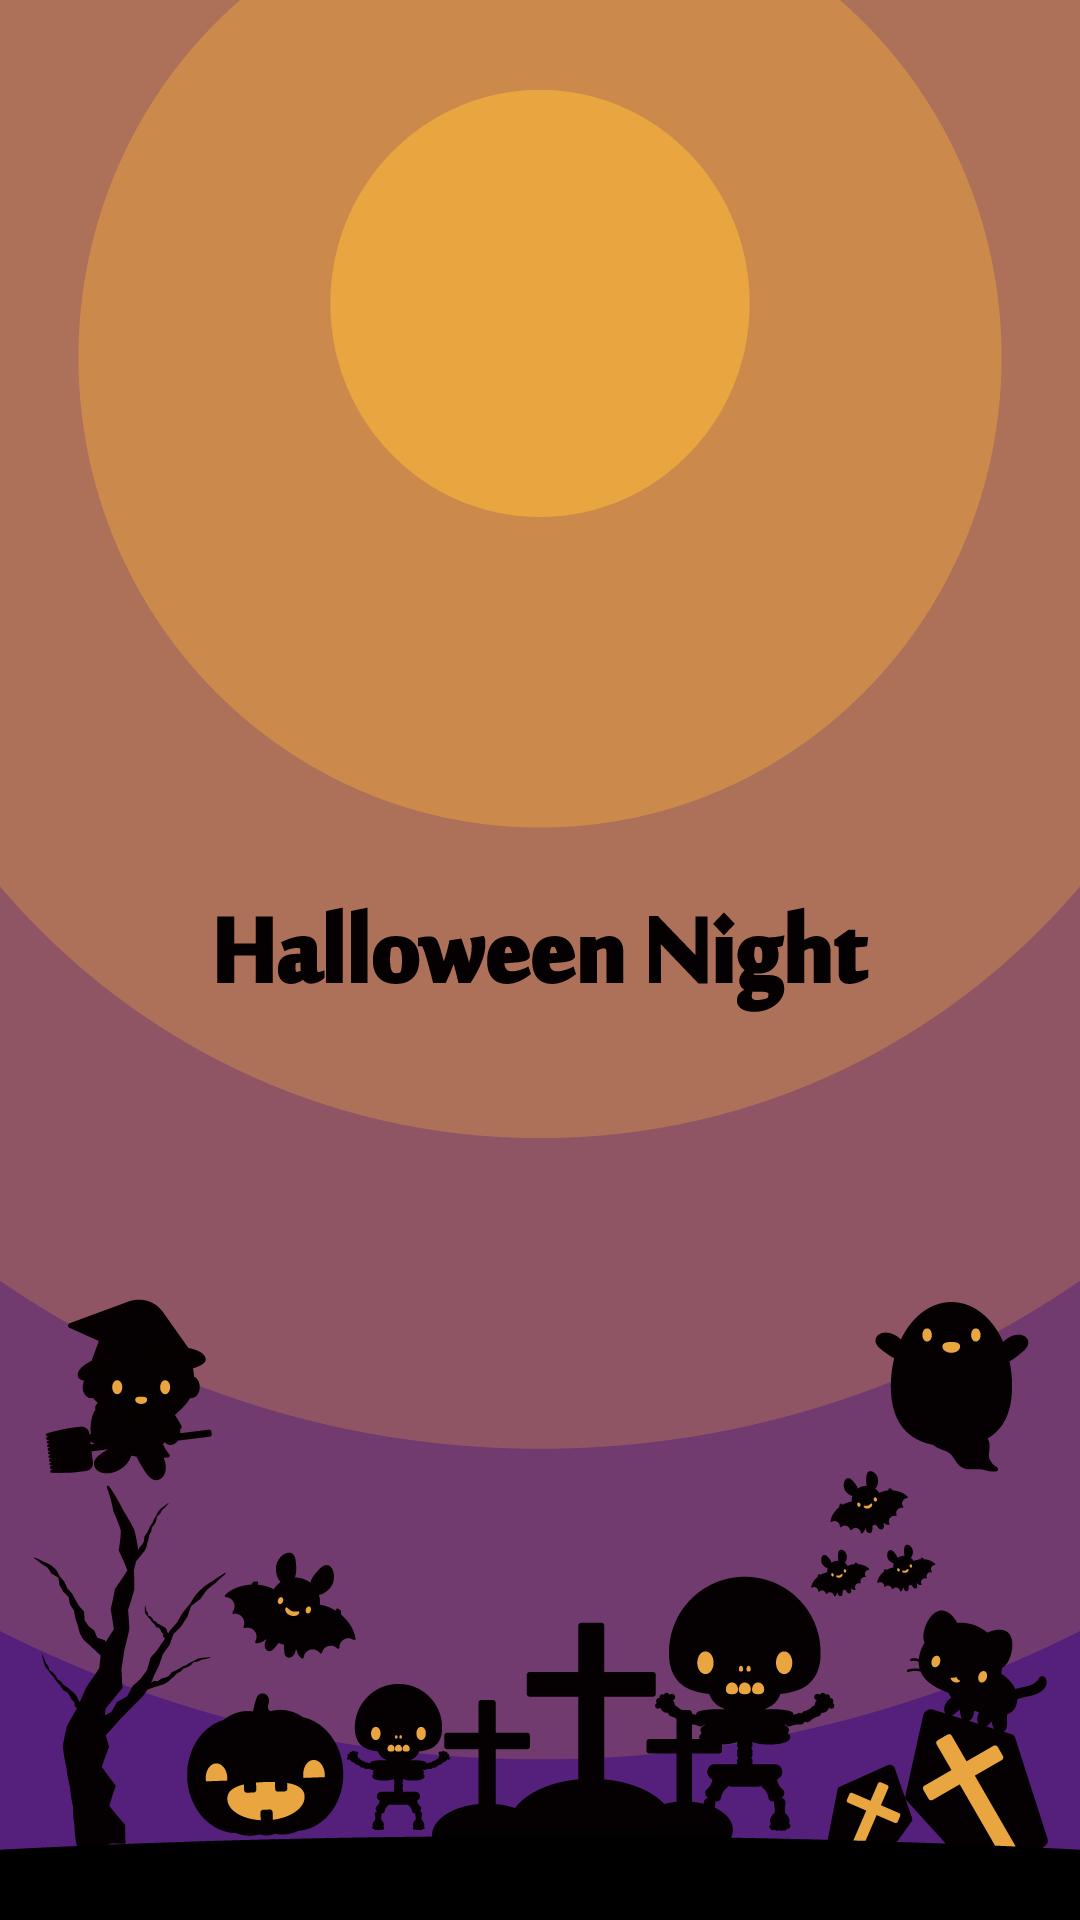 かわいいハロウィン ハロウィン壁紙 壁紙 Android ハロウィングッズ